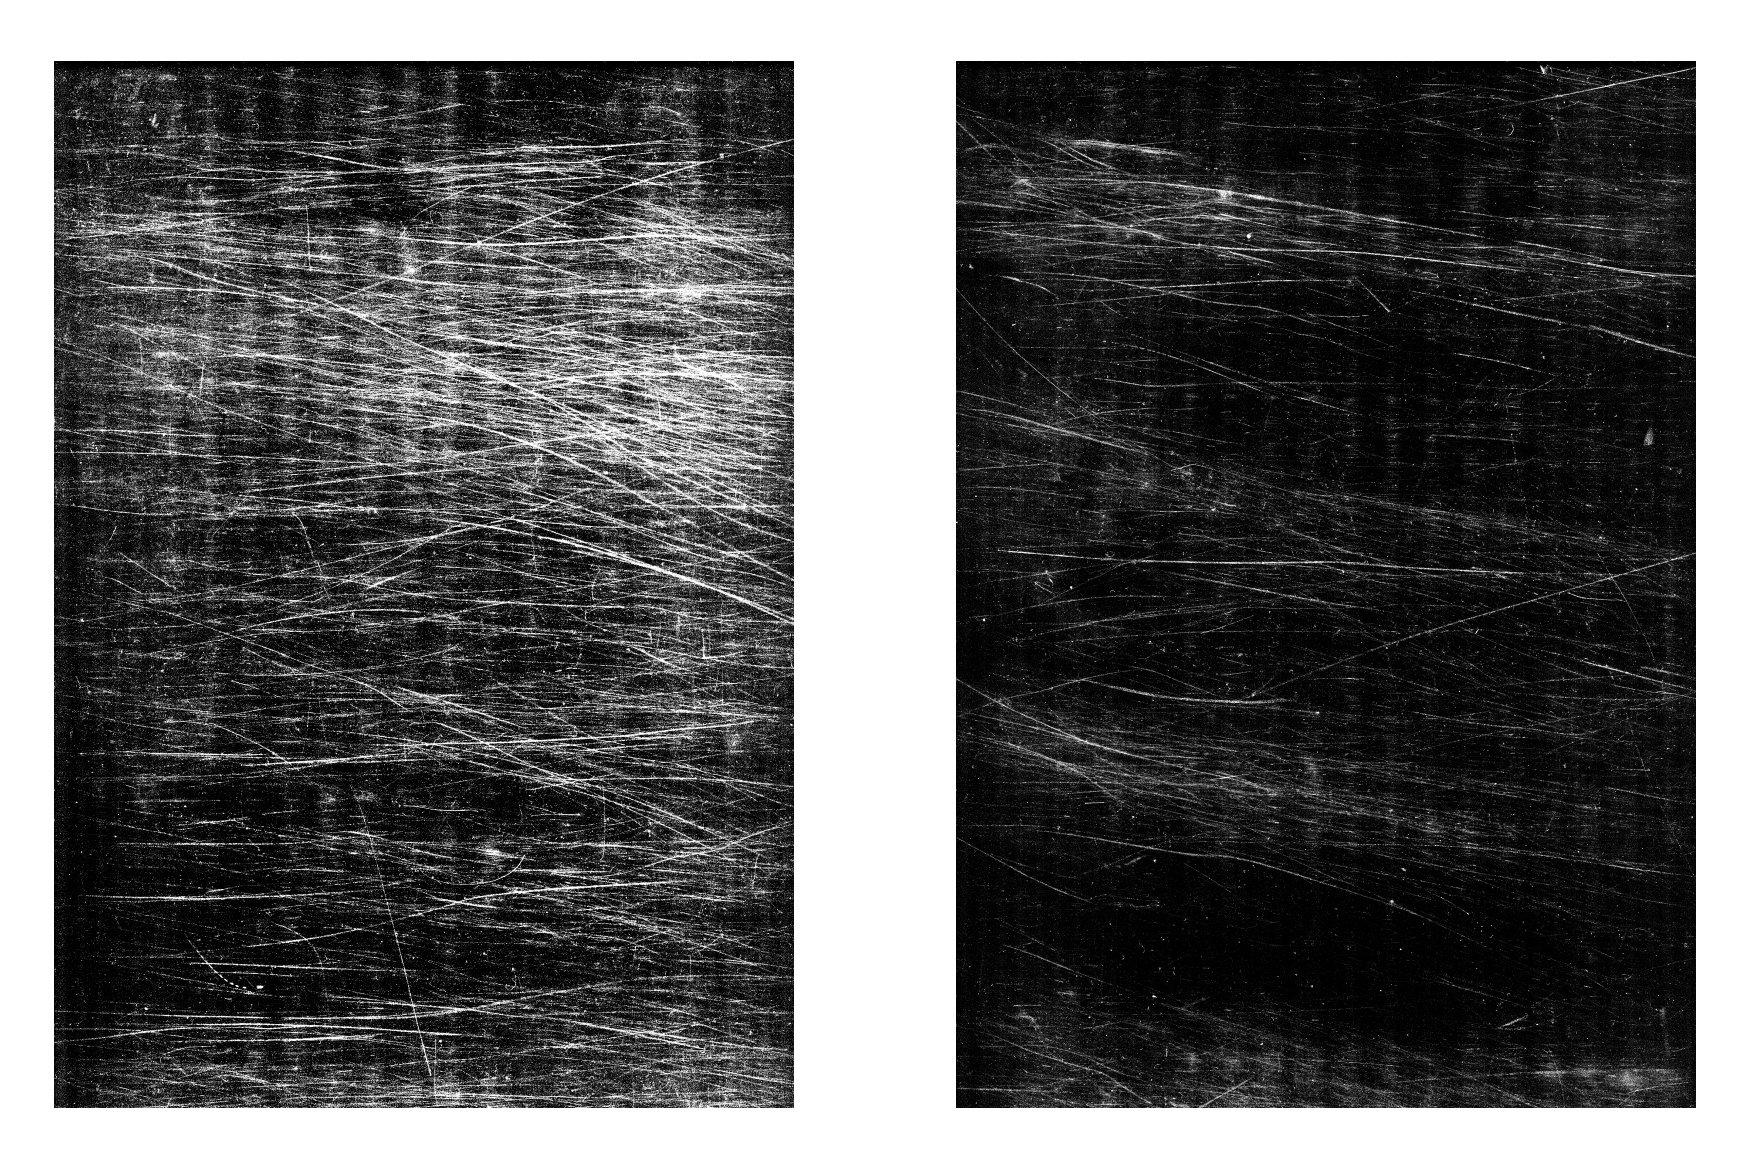 156款复古做旧折痕磨损褶皱纸张背景纹理素材合集 The Grunge Texture Bundle Vol. 1插图(59)